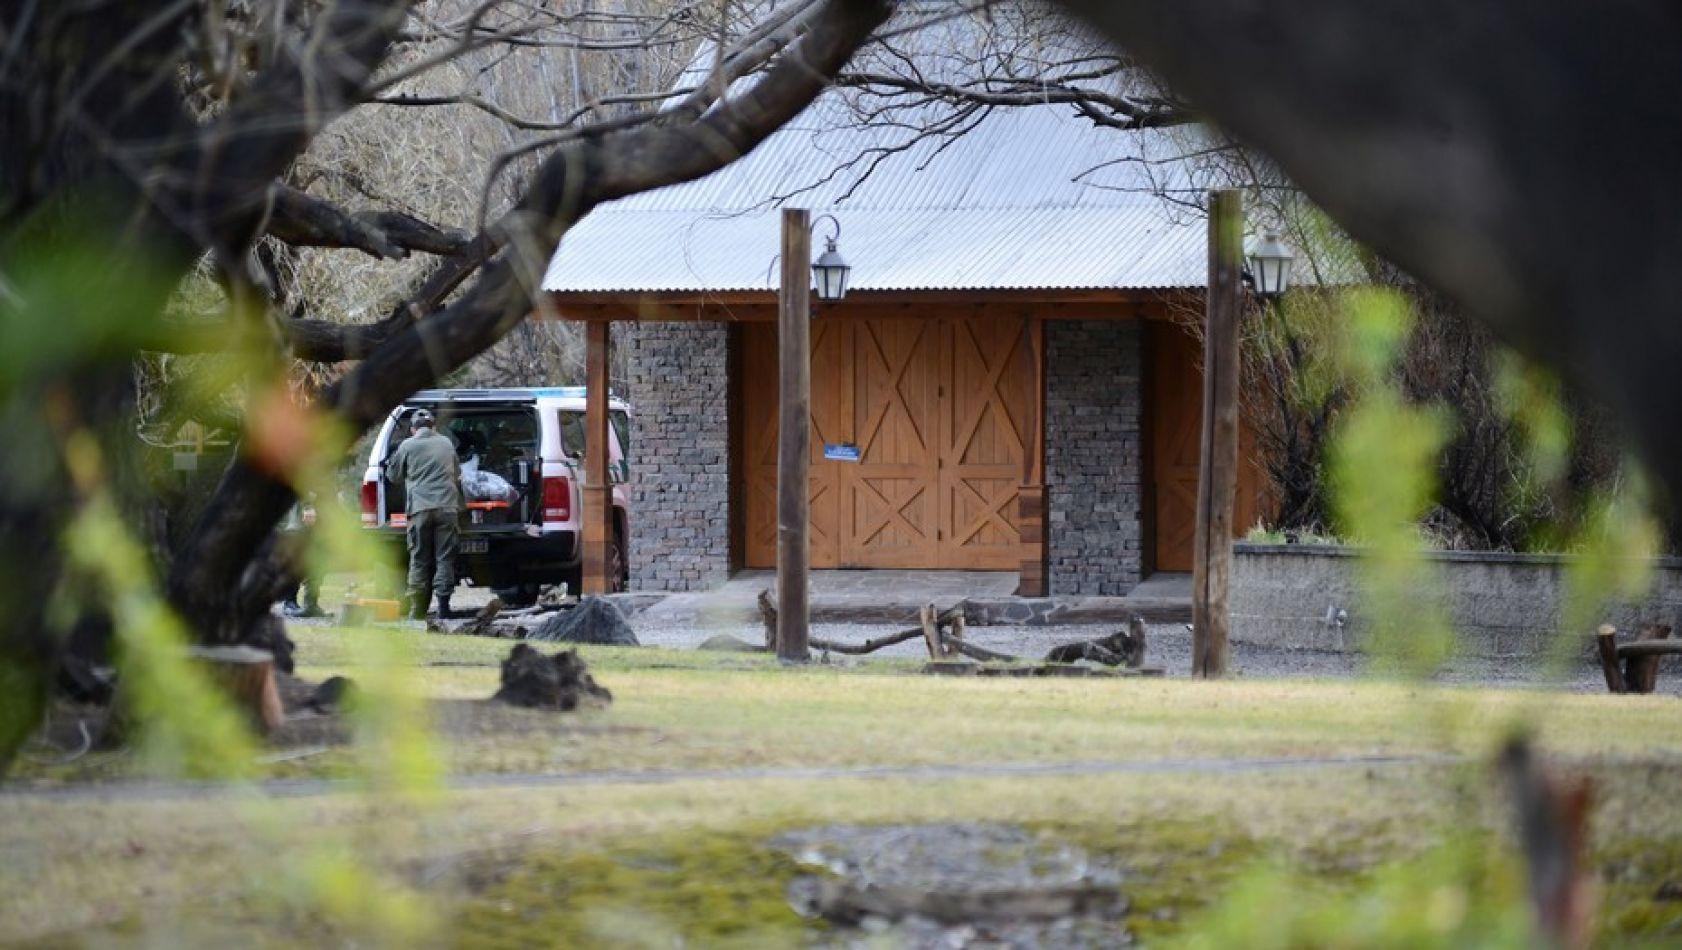 Agentes de fuerzas de seguridad continuaban este domingo realizando el operativo en la casa de la ex presidenta en El Calafate.